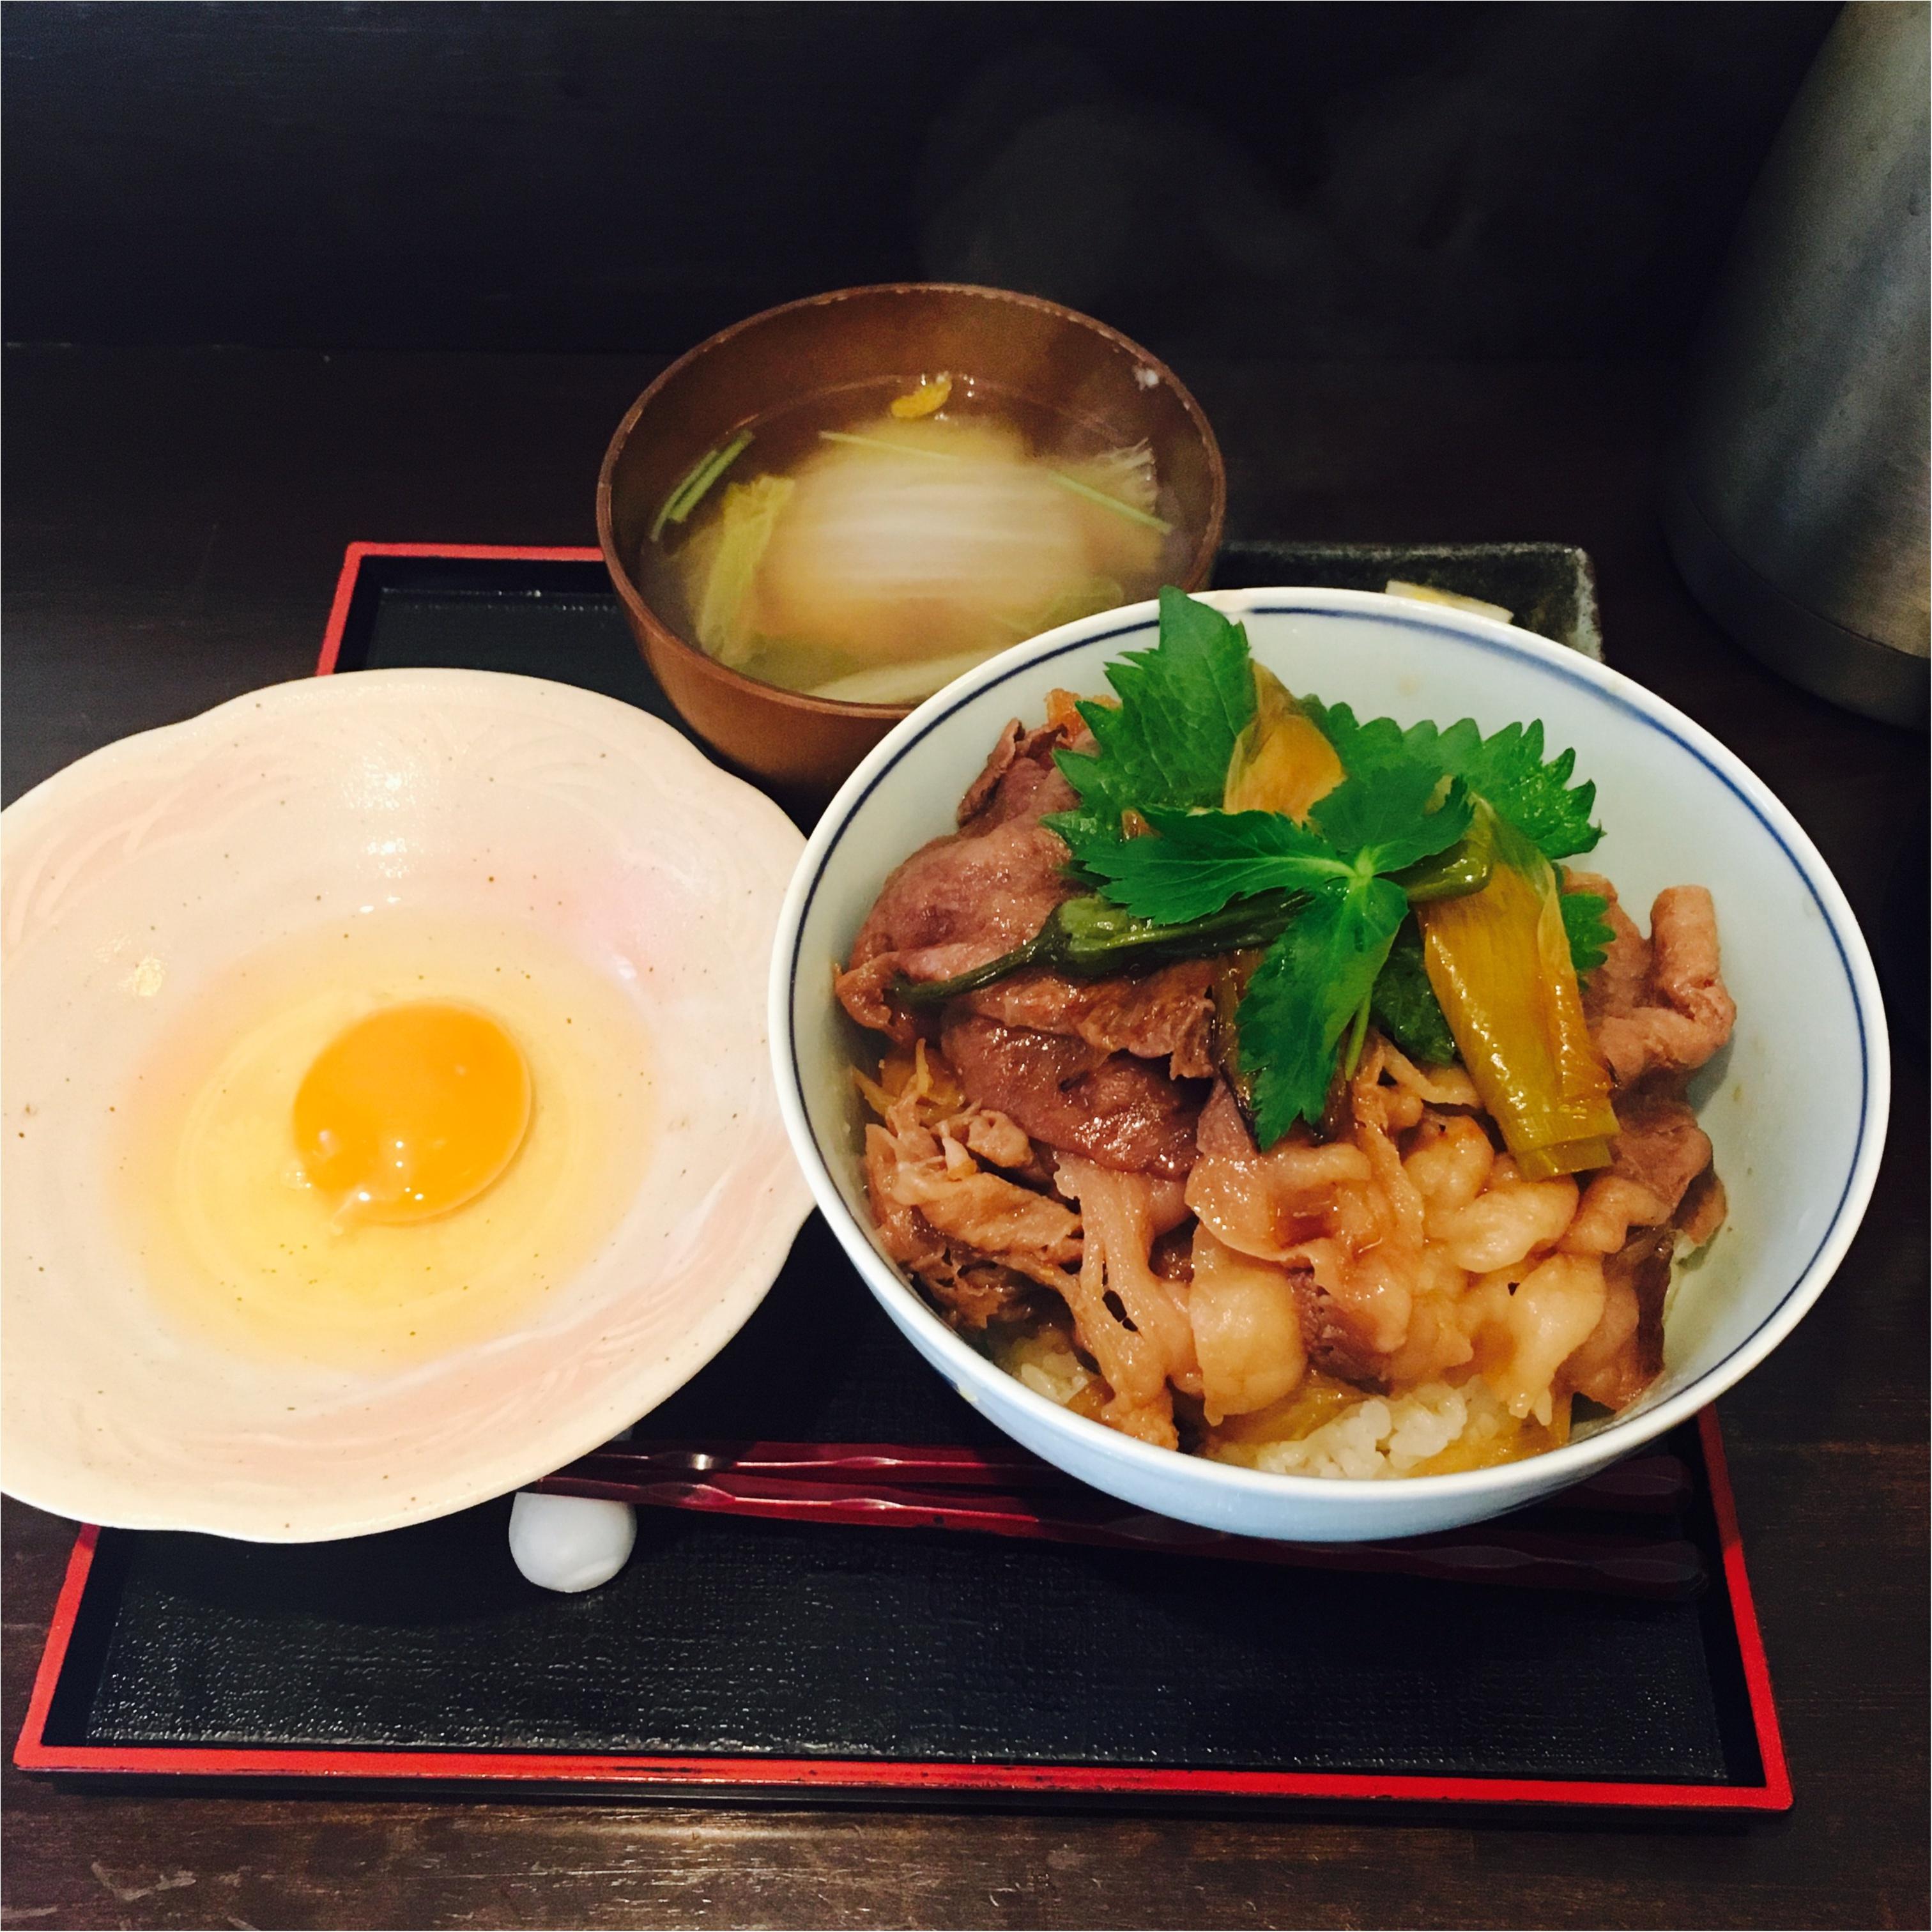 毎日行列の人気店【広重】で絶品の≪神戸牛の牛丼≫を食べてきました!_2